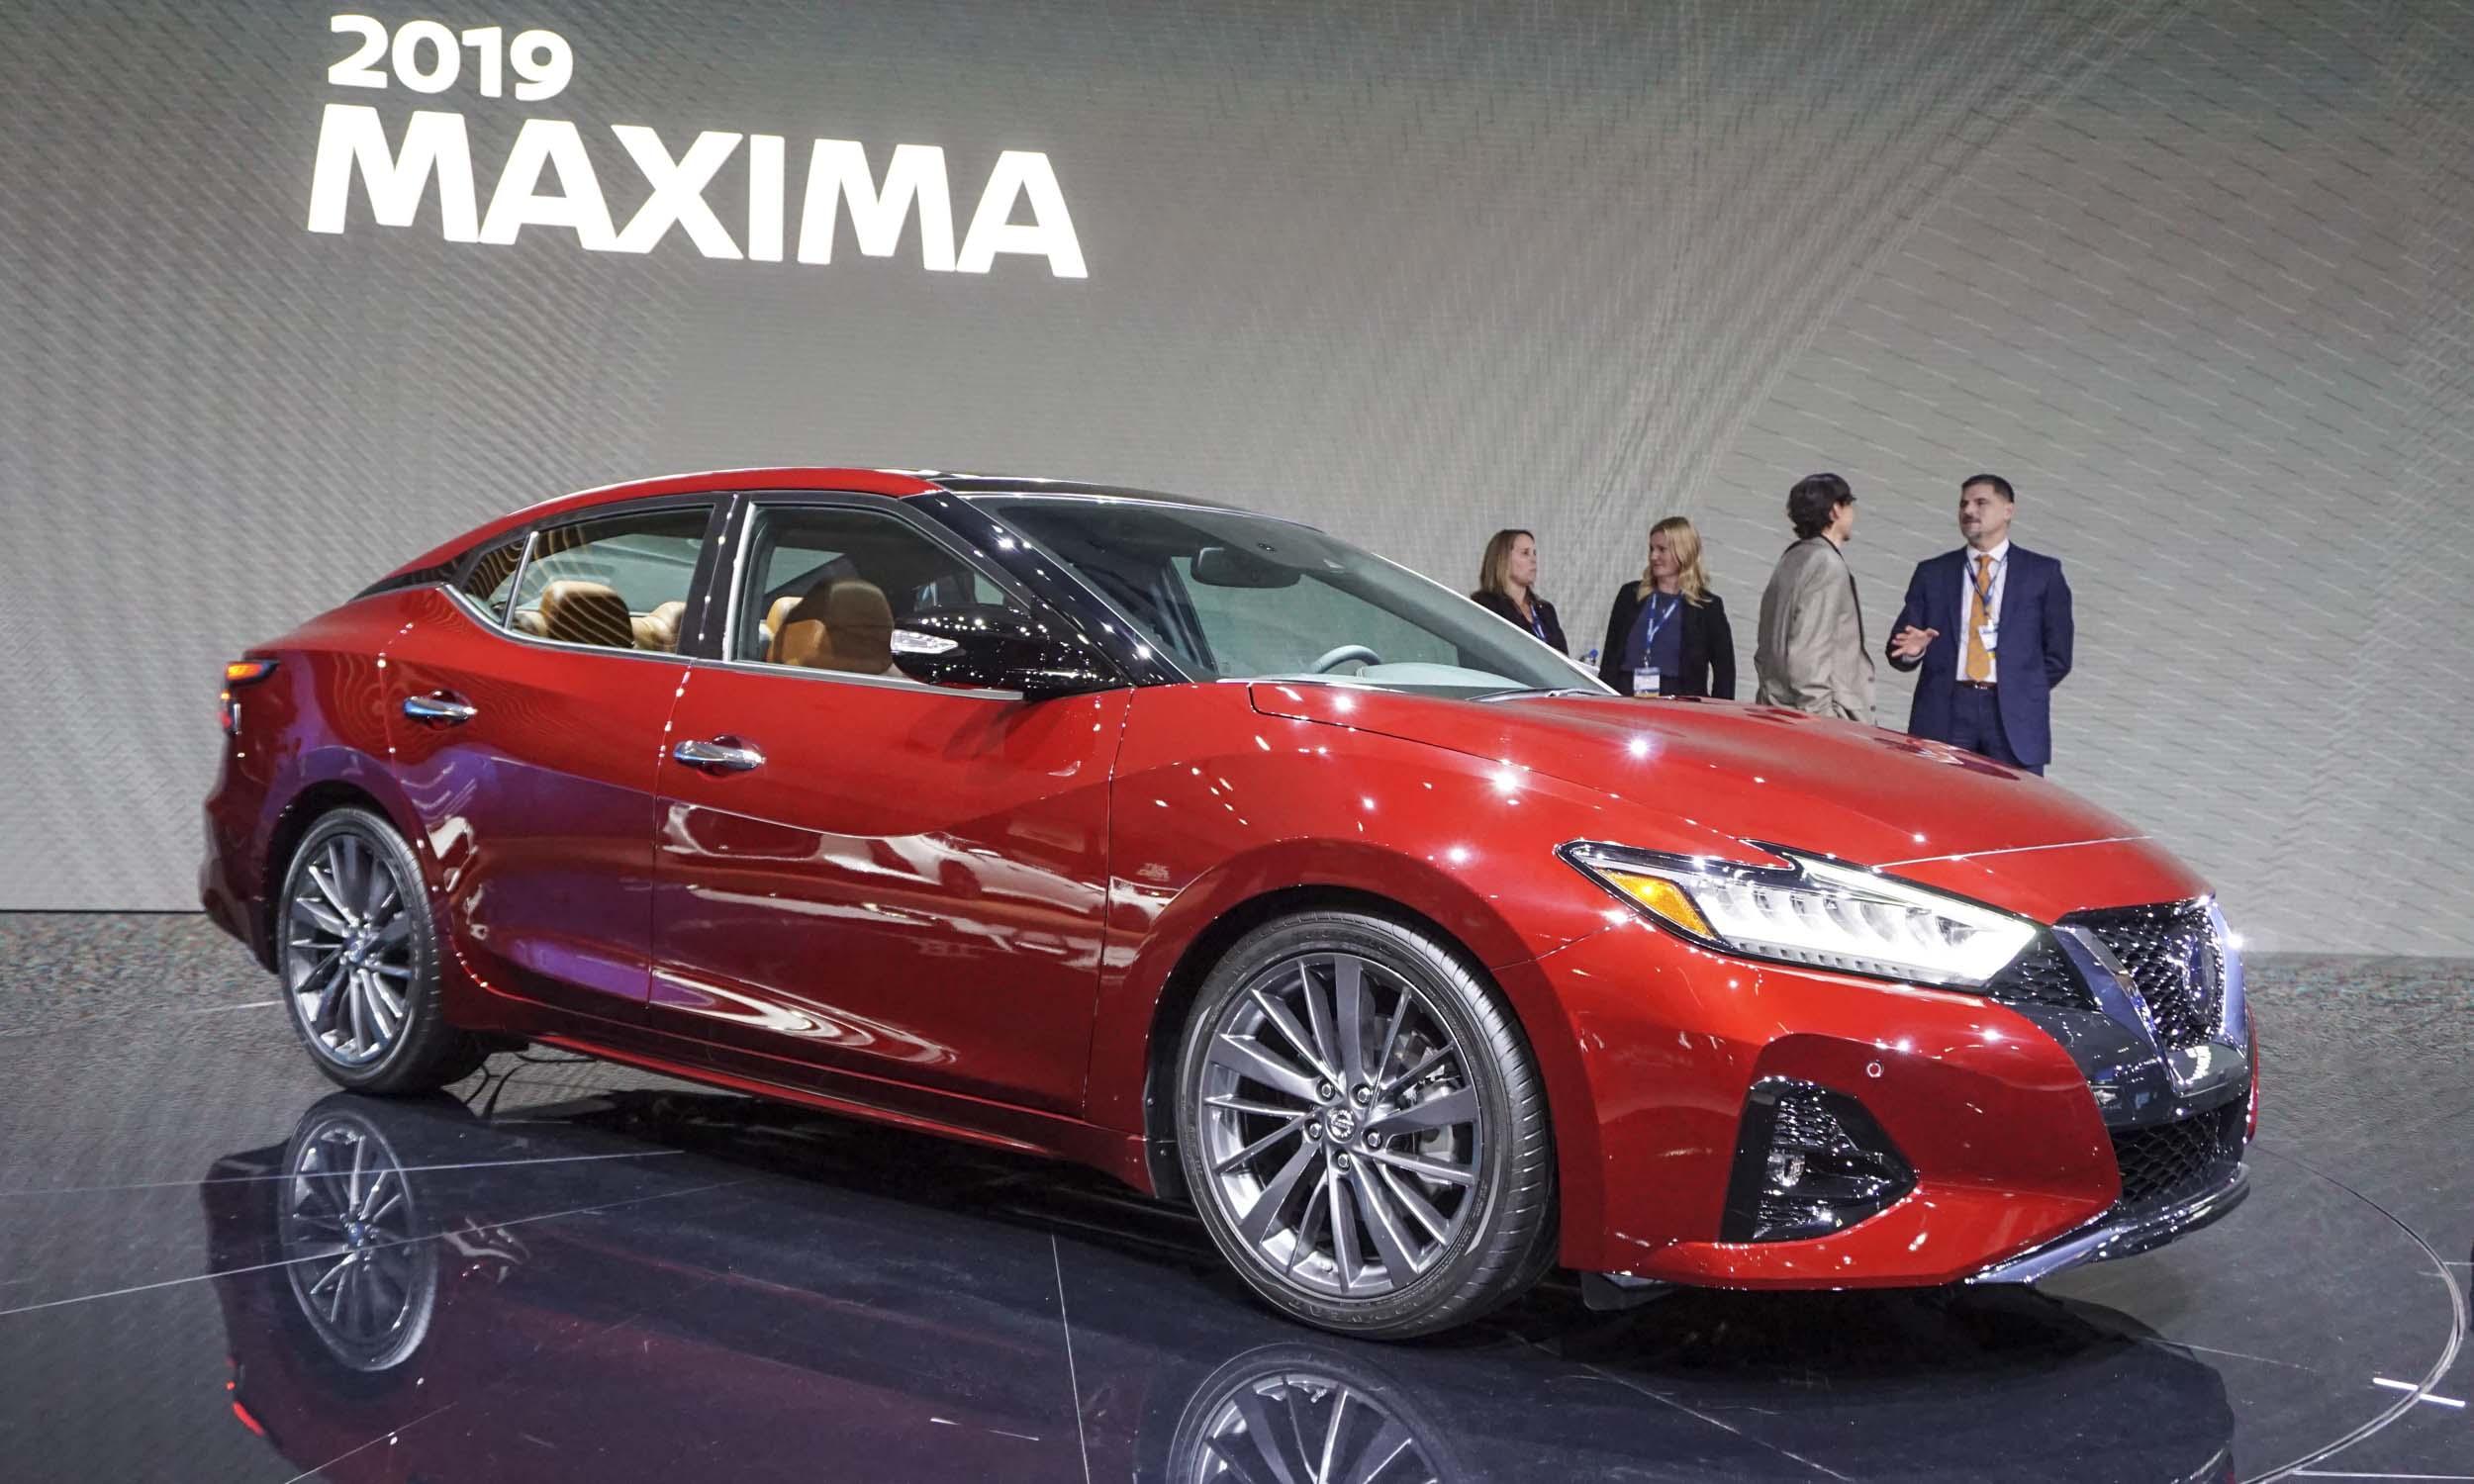 2018 LA Auto Show 2019 Nissan Maximanbsp